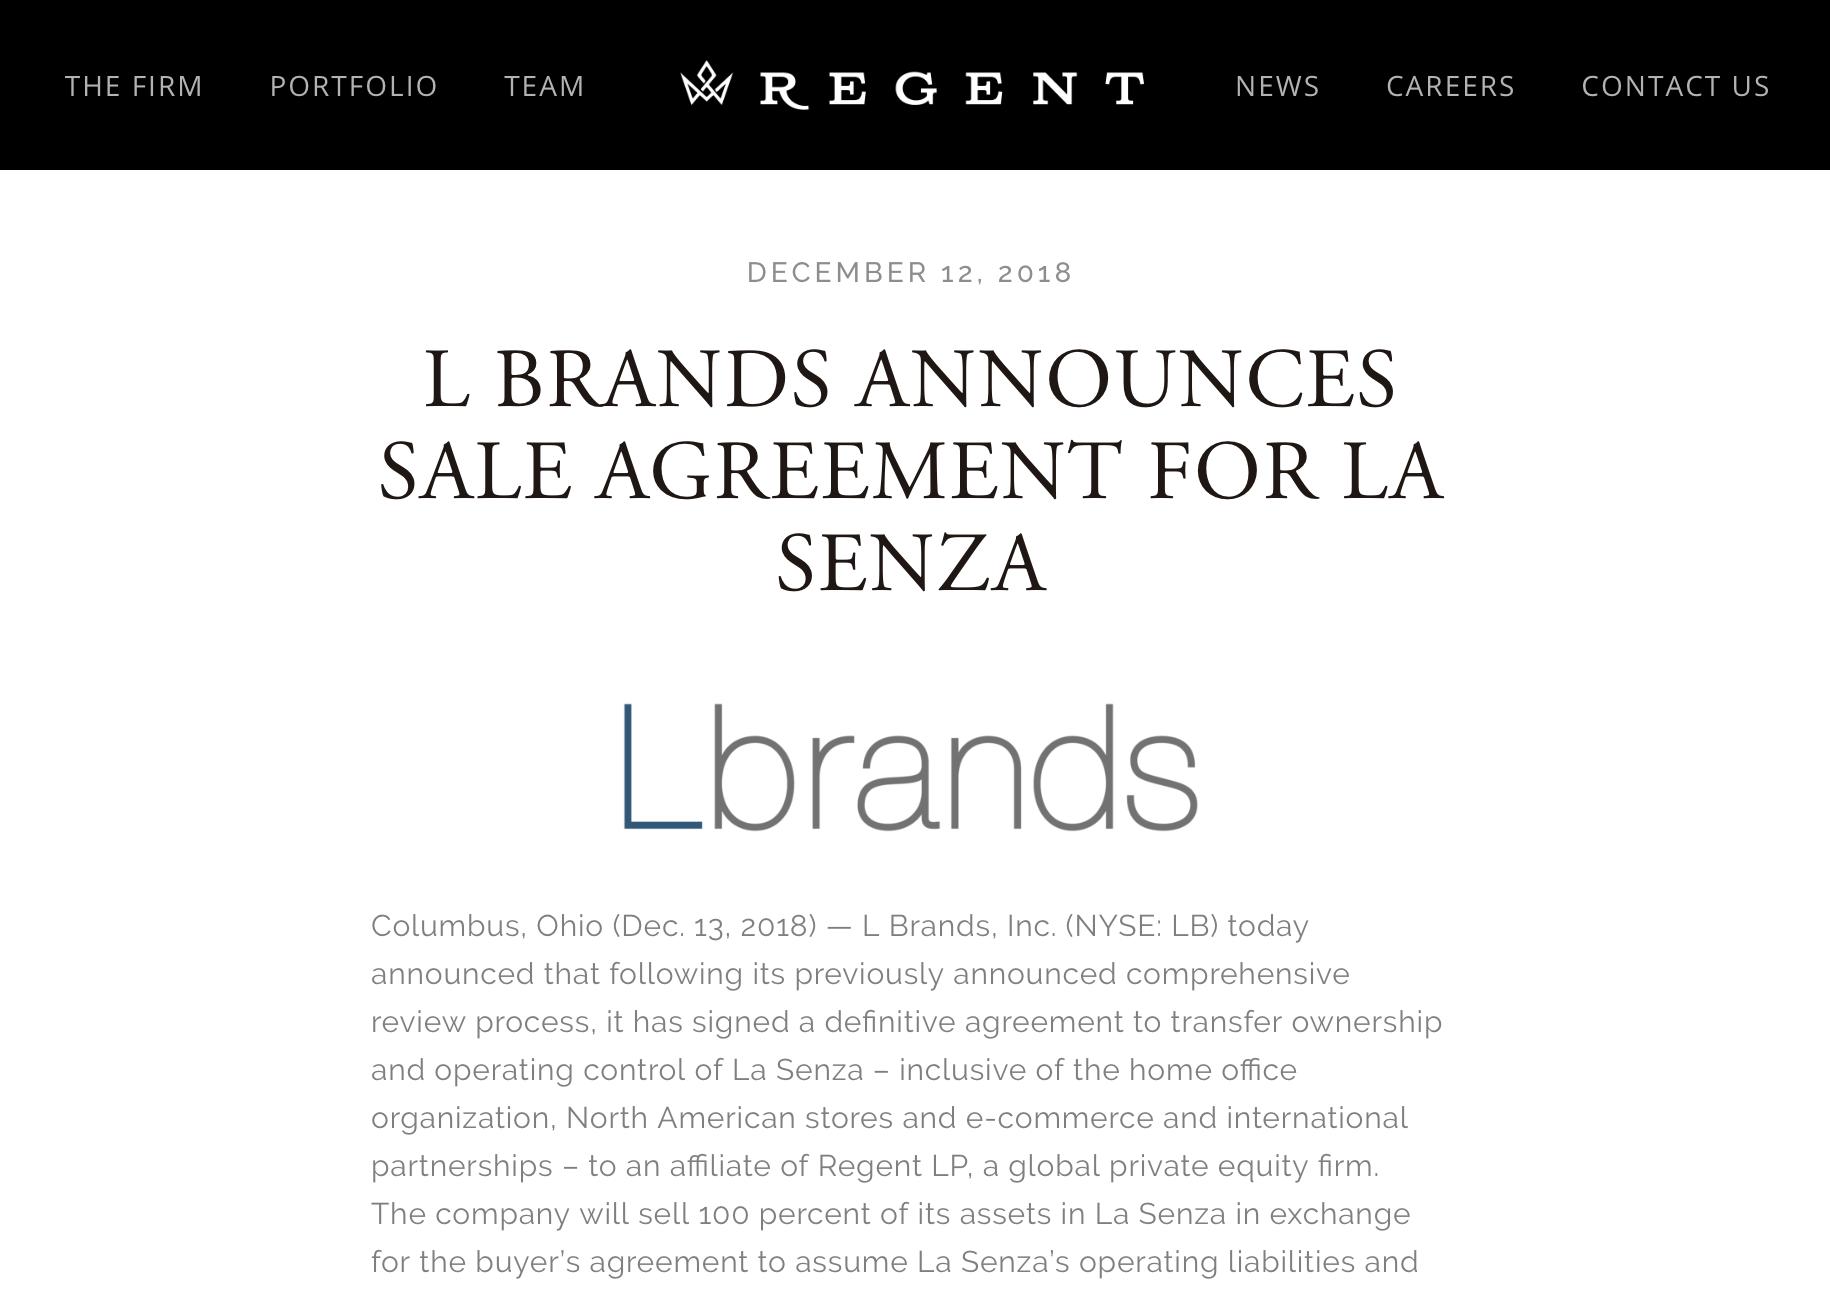 L Brands Announces Sale Agreement for La Senza - Regent, December 13, 2018